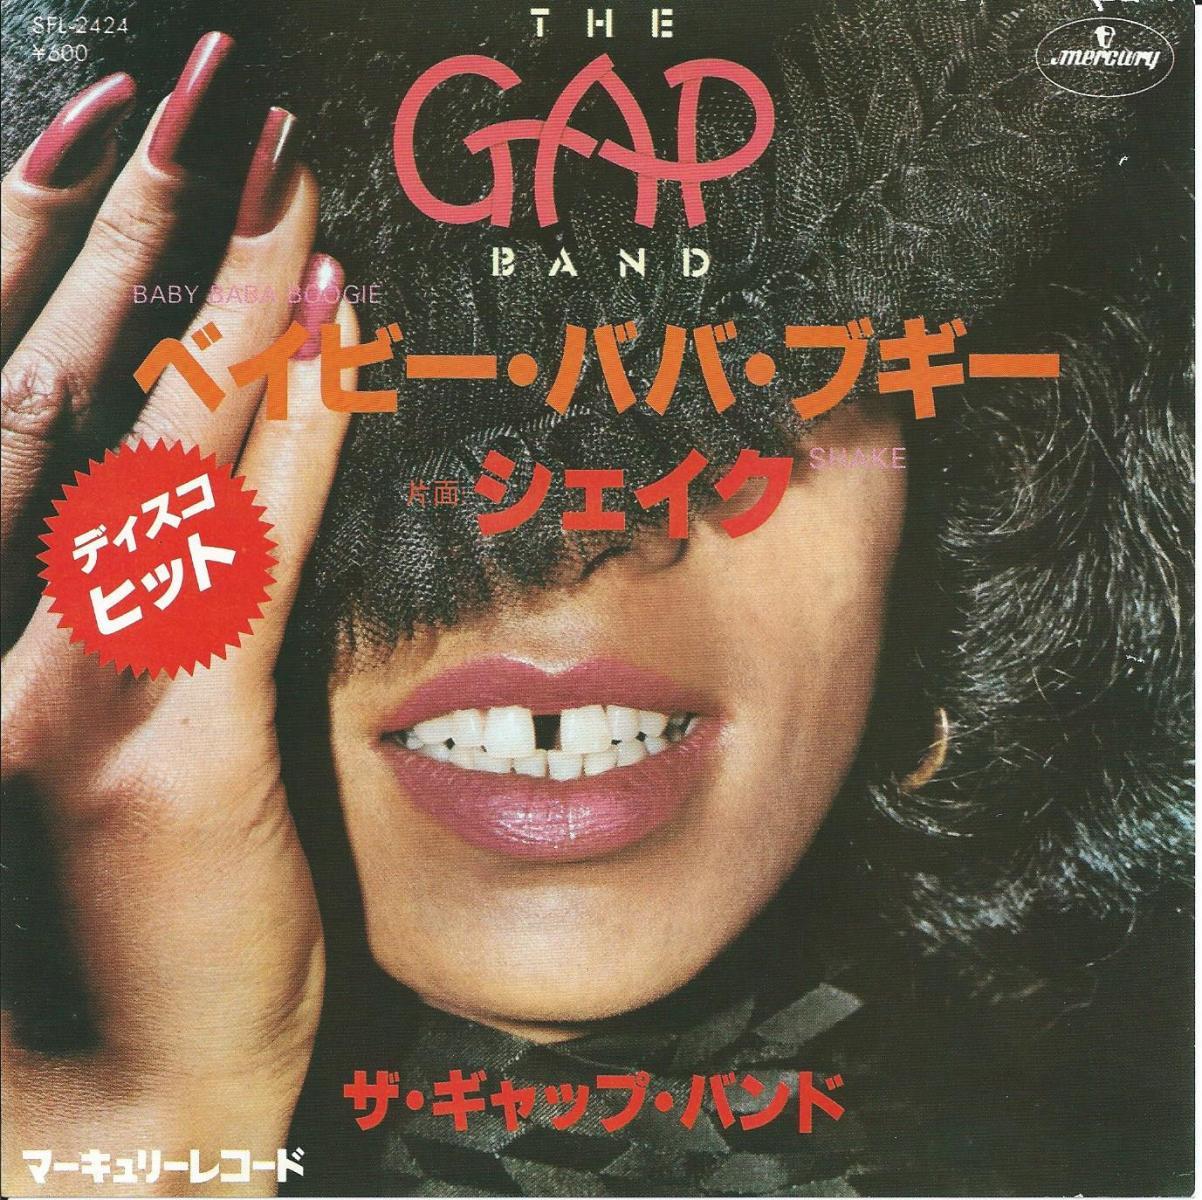 ザ・ギャップ・バンド THE GAP BAND / ベイビー・ババ・ブギー BABY BABA BOOGIE (7